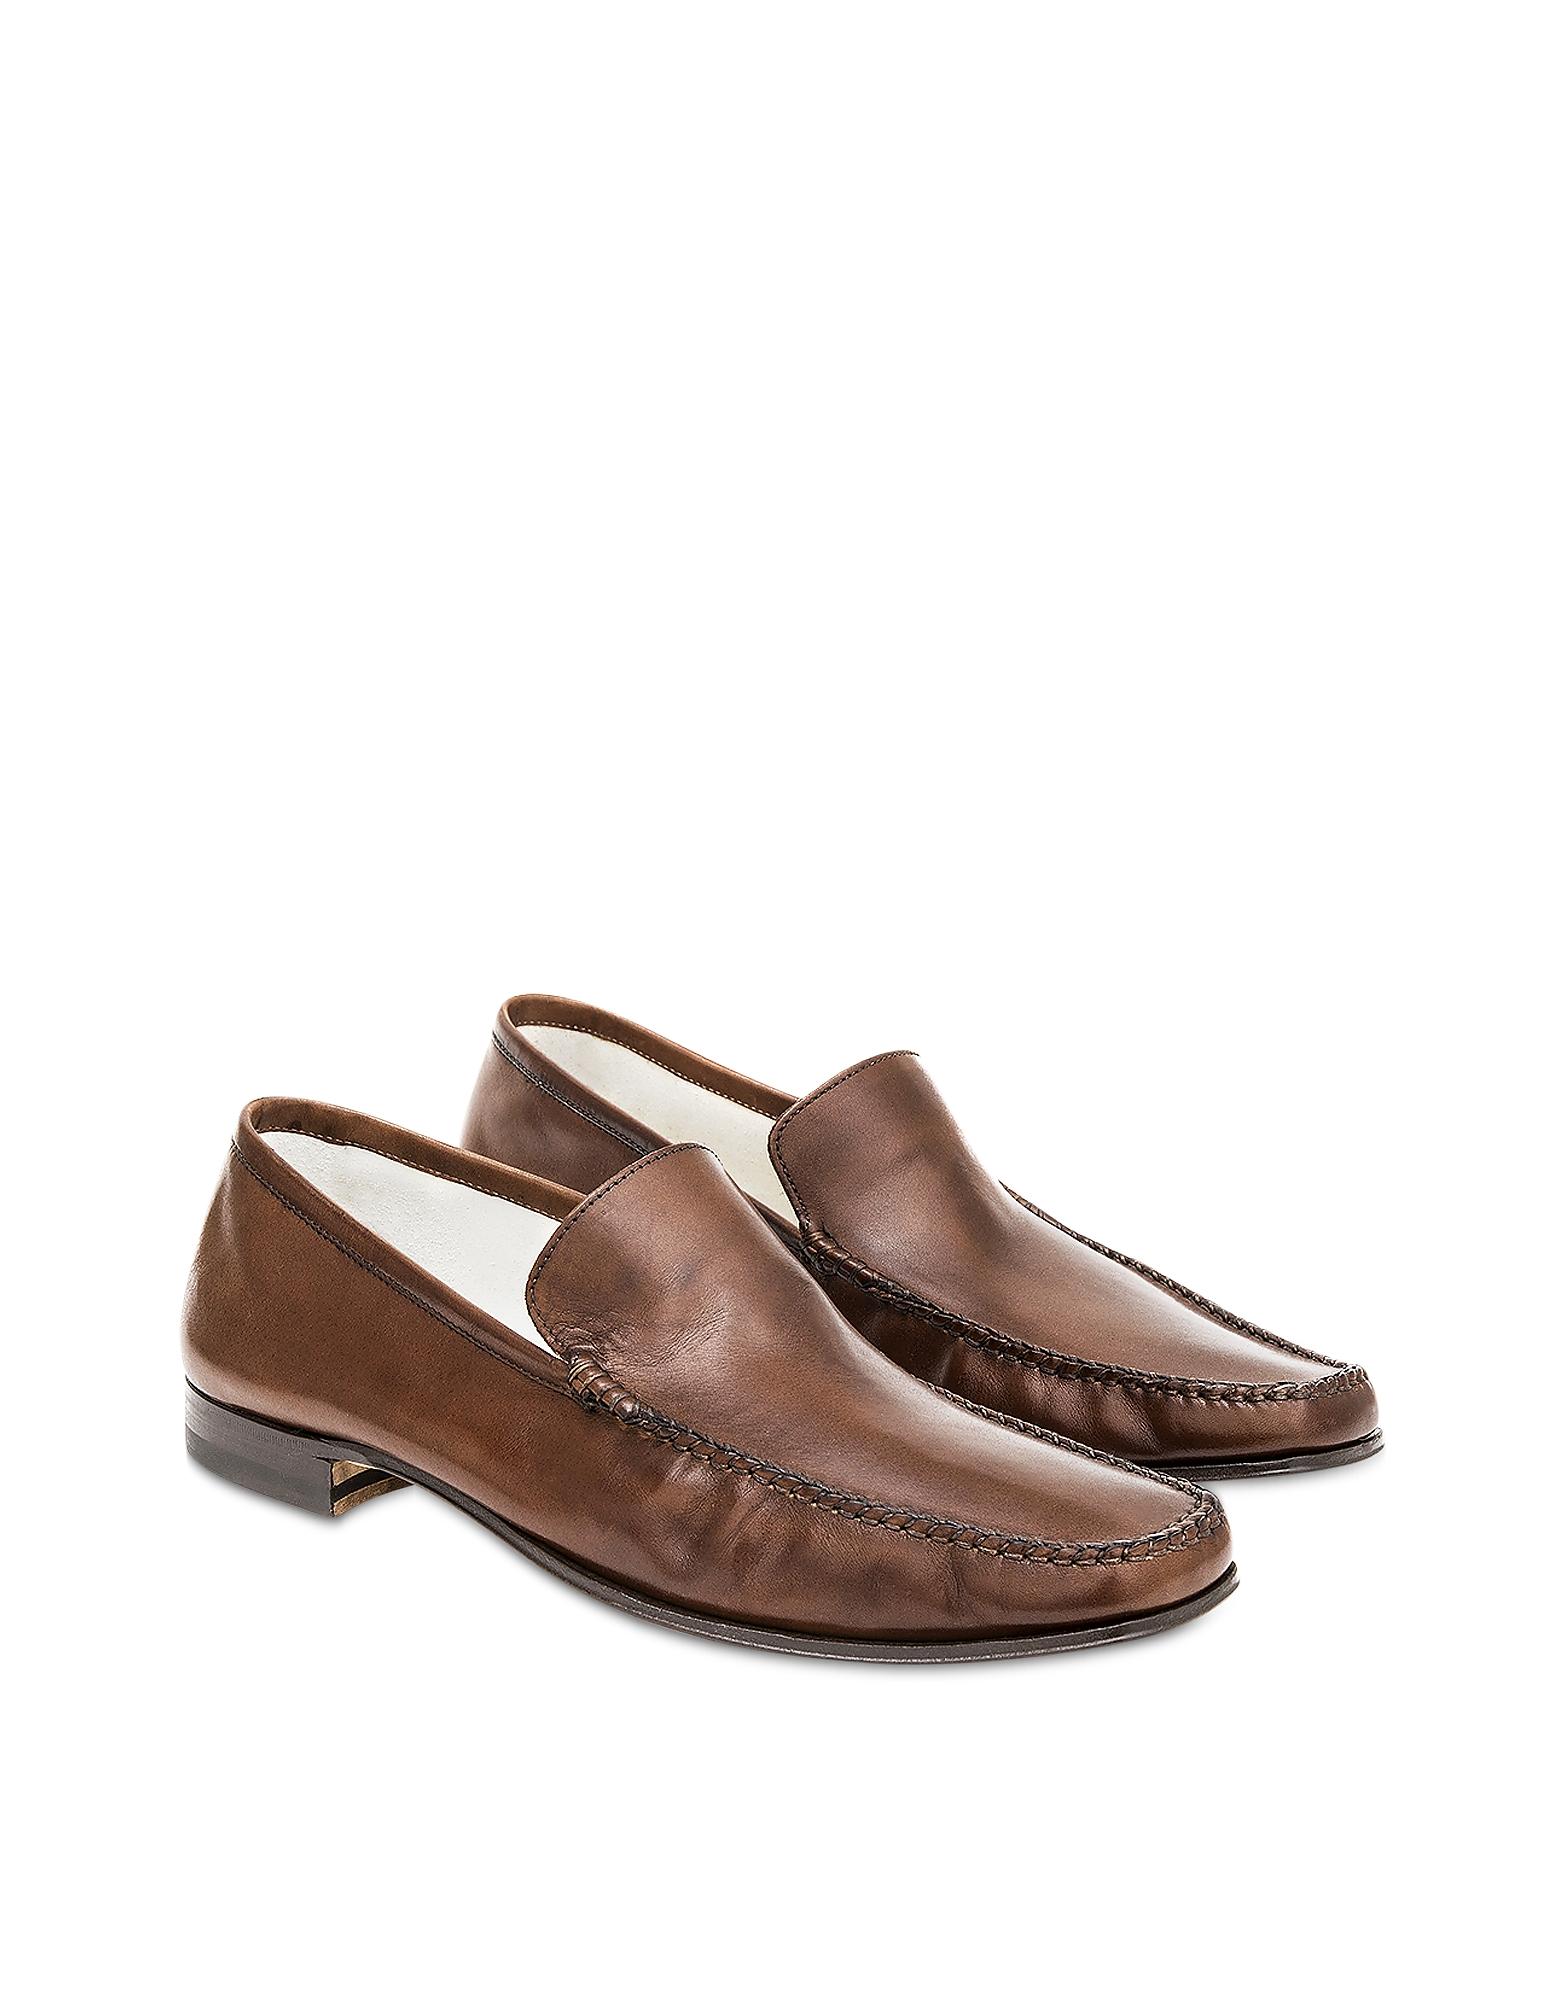 Pakerson Designer Shoes, Cocoa Cerreto Moccasins